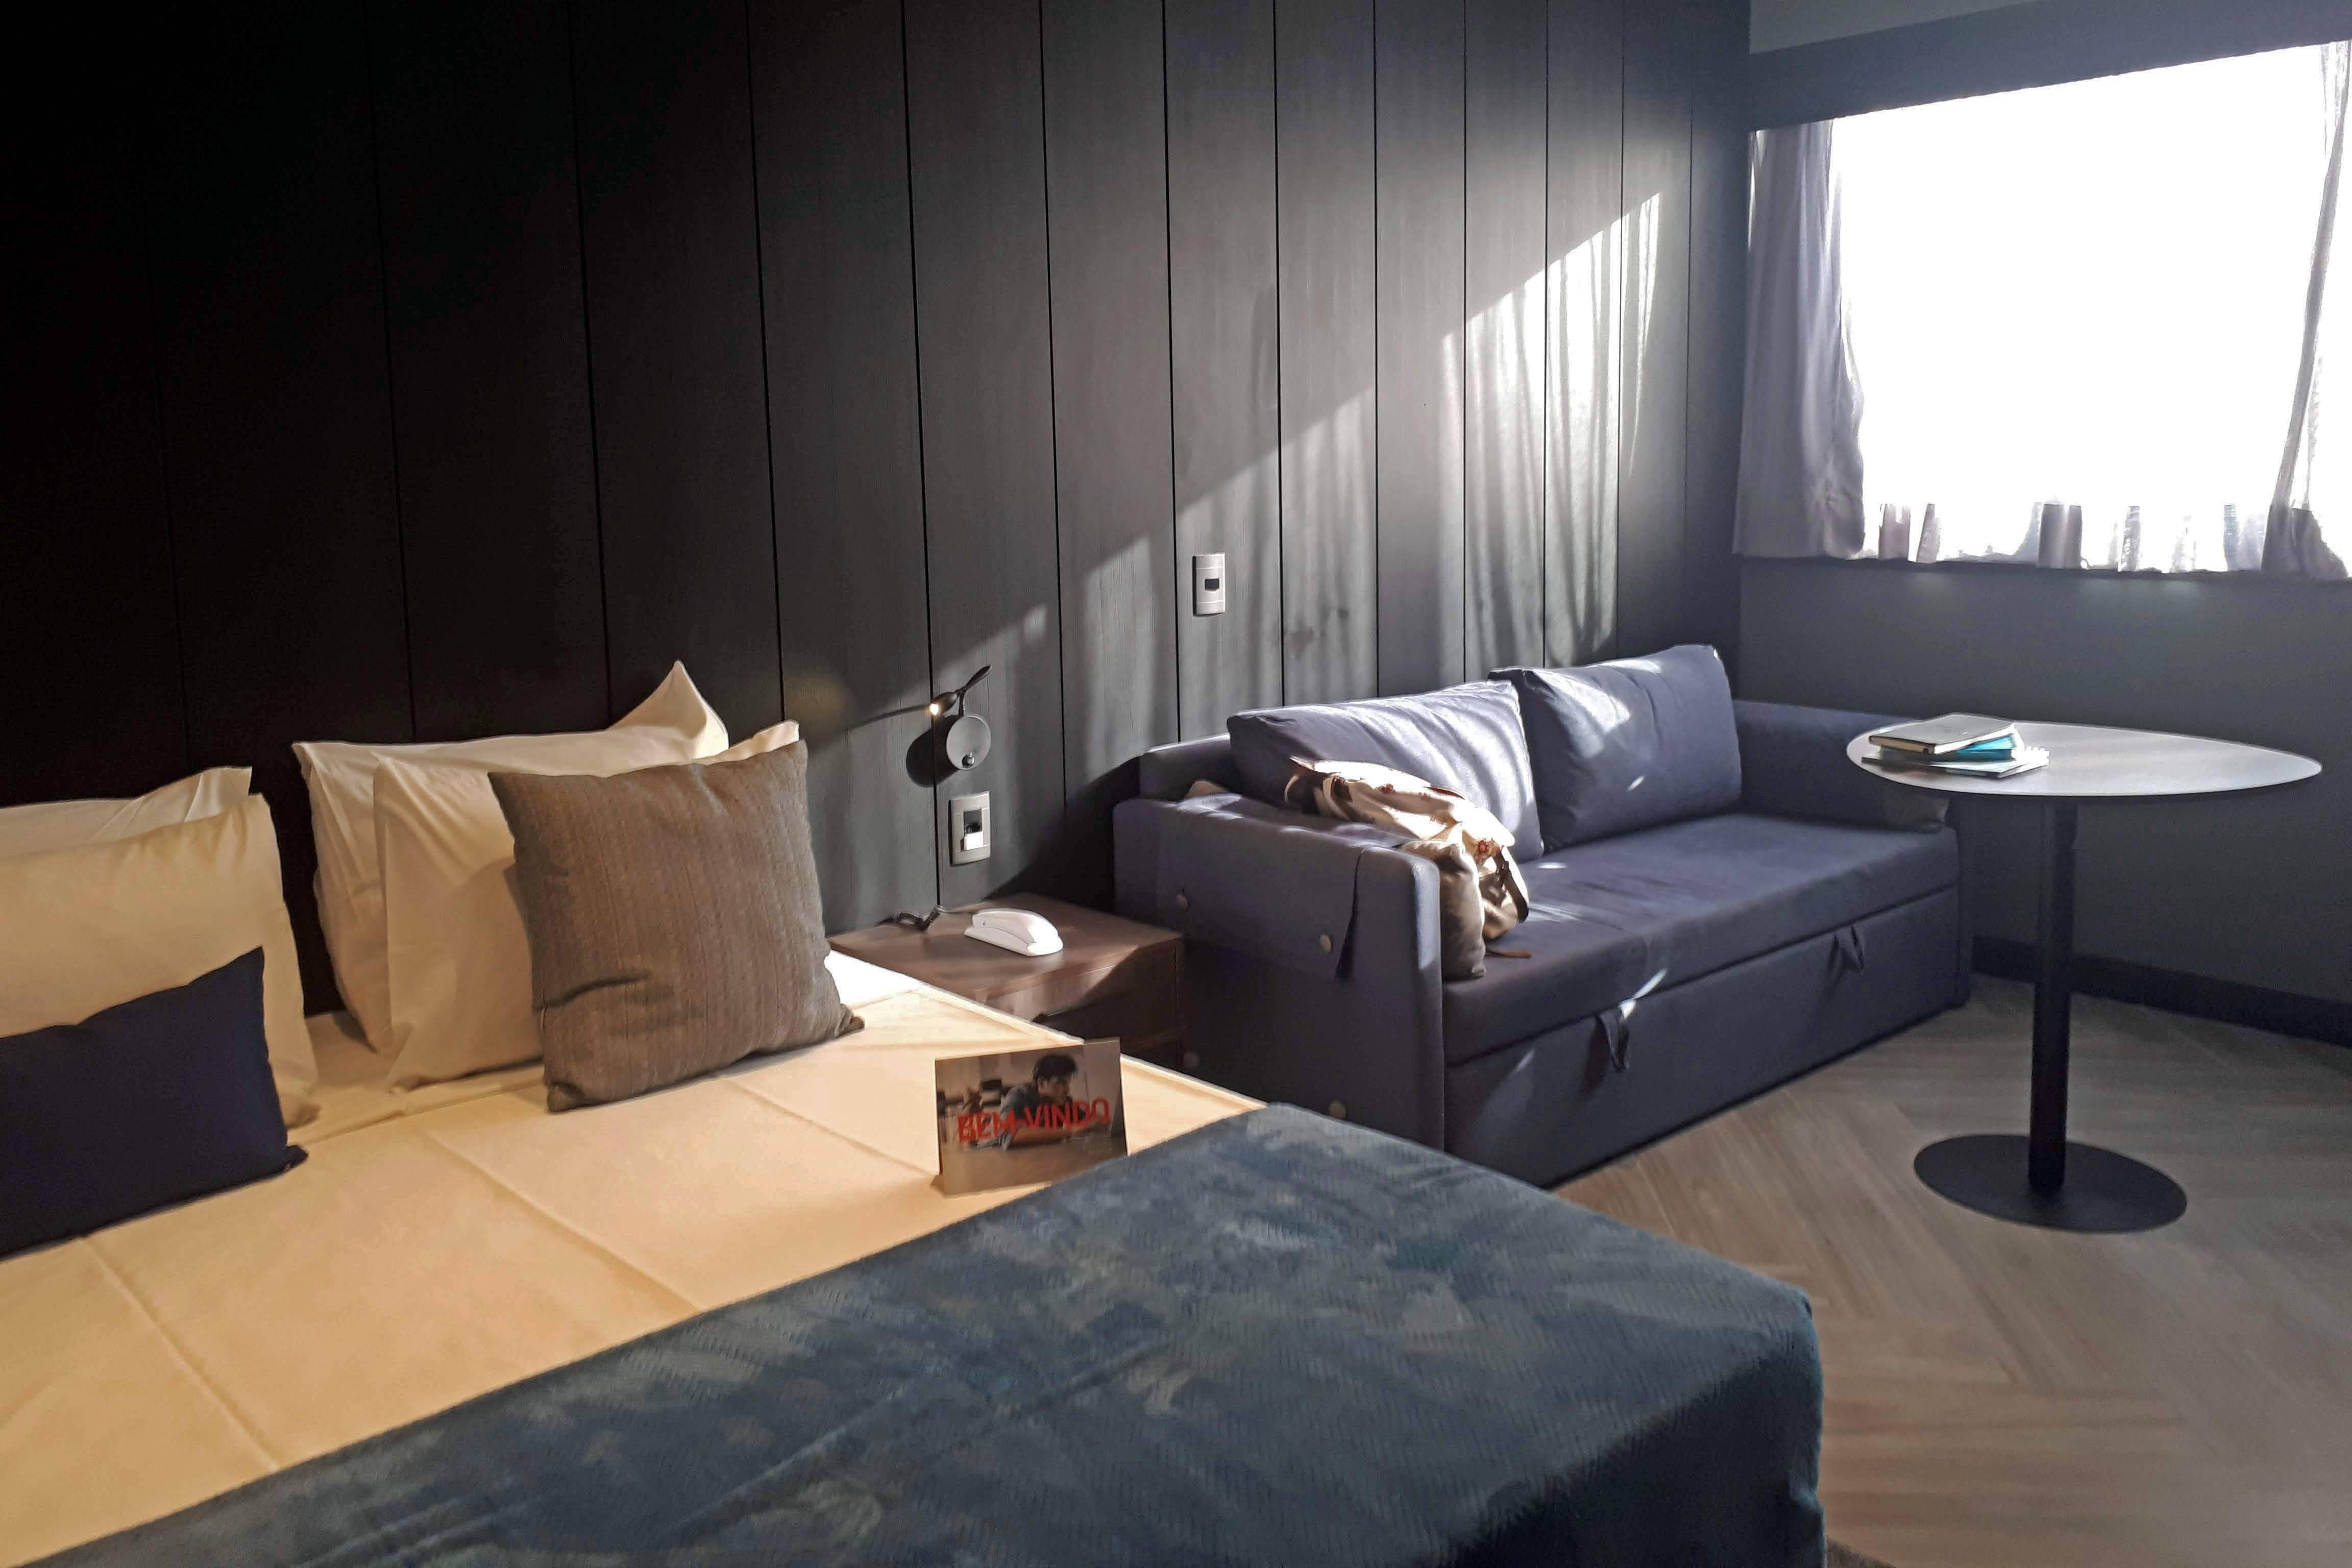 Apartamento em empreendimento da construtora Vitacon